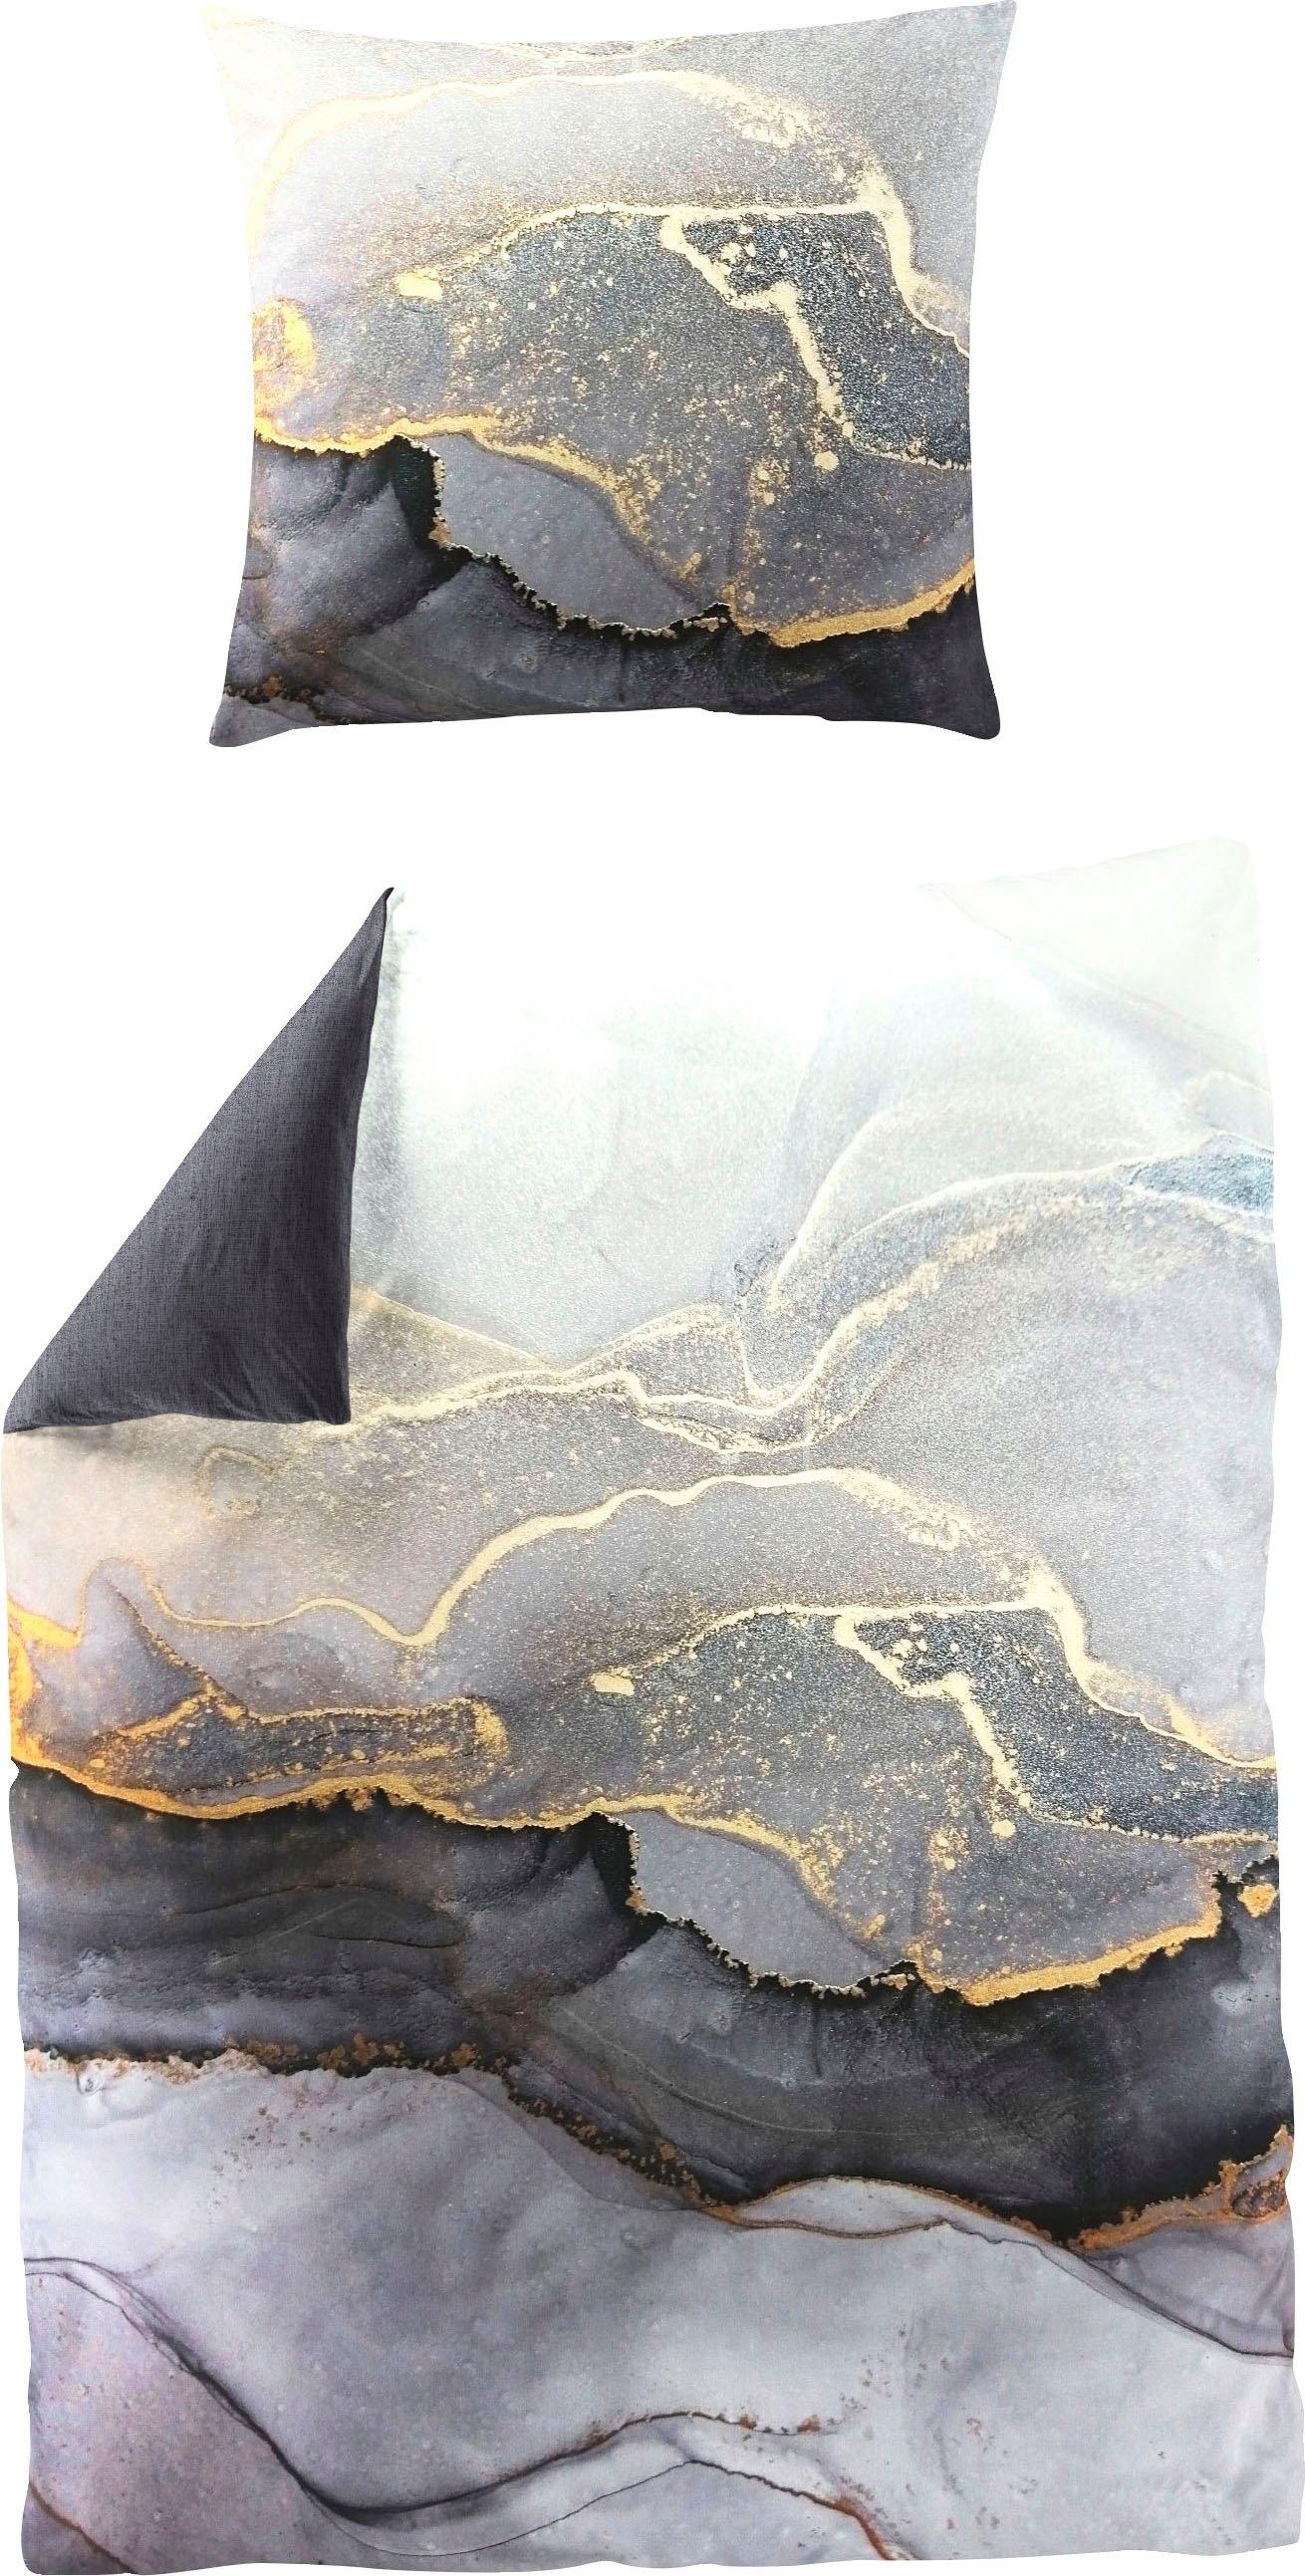 BIERBAUM tweezijdig te gebruiken overtrekset Grey stone met fantasievolle print (2-delig) online kopen op otto.nl